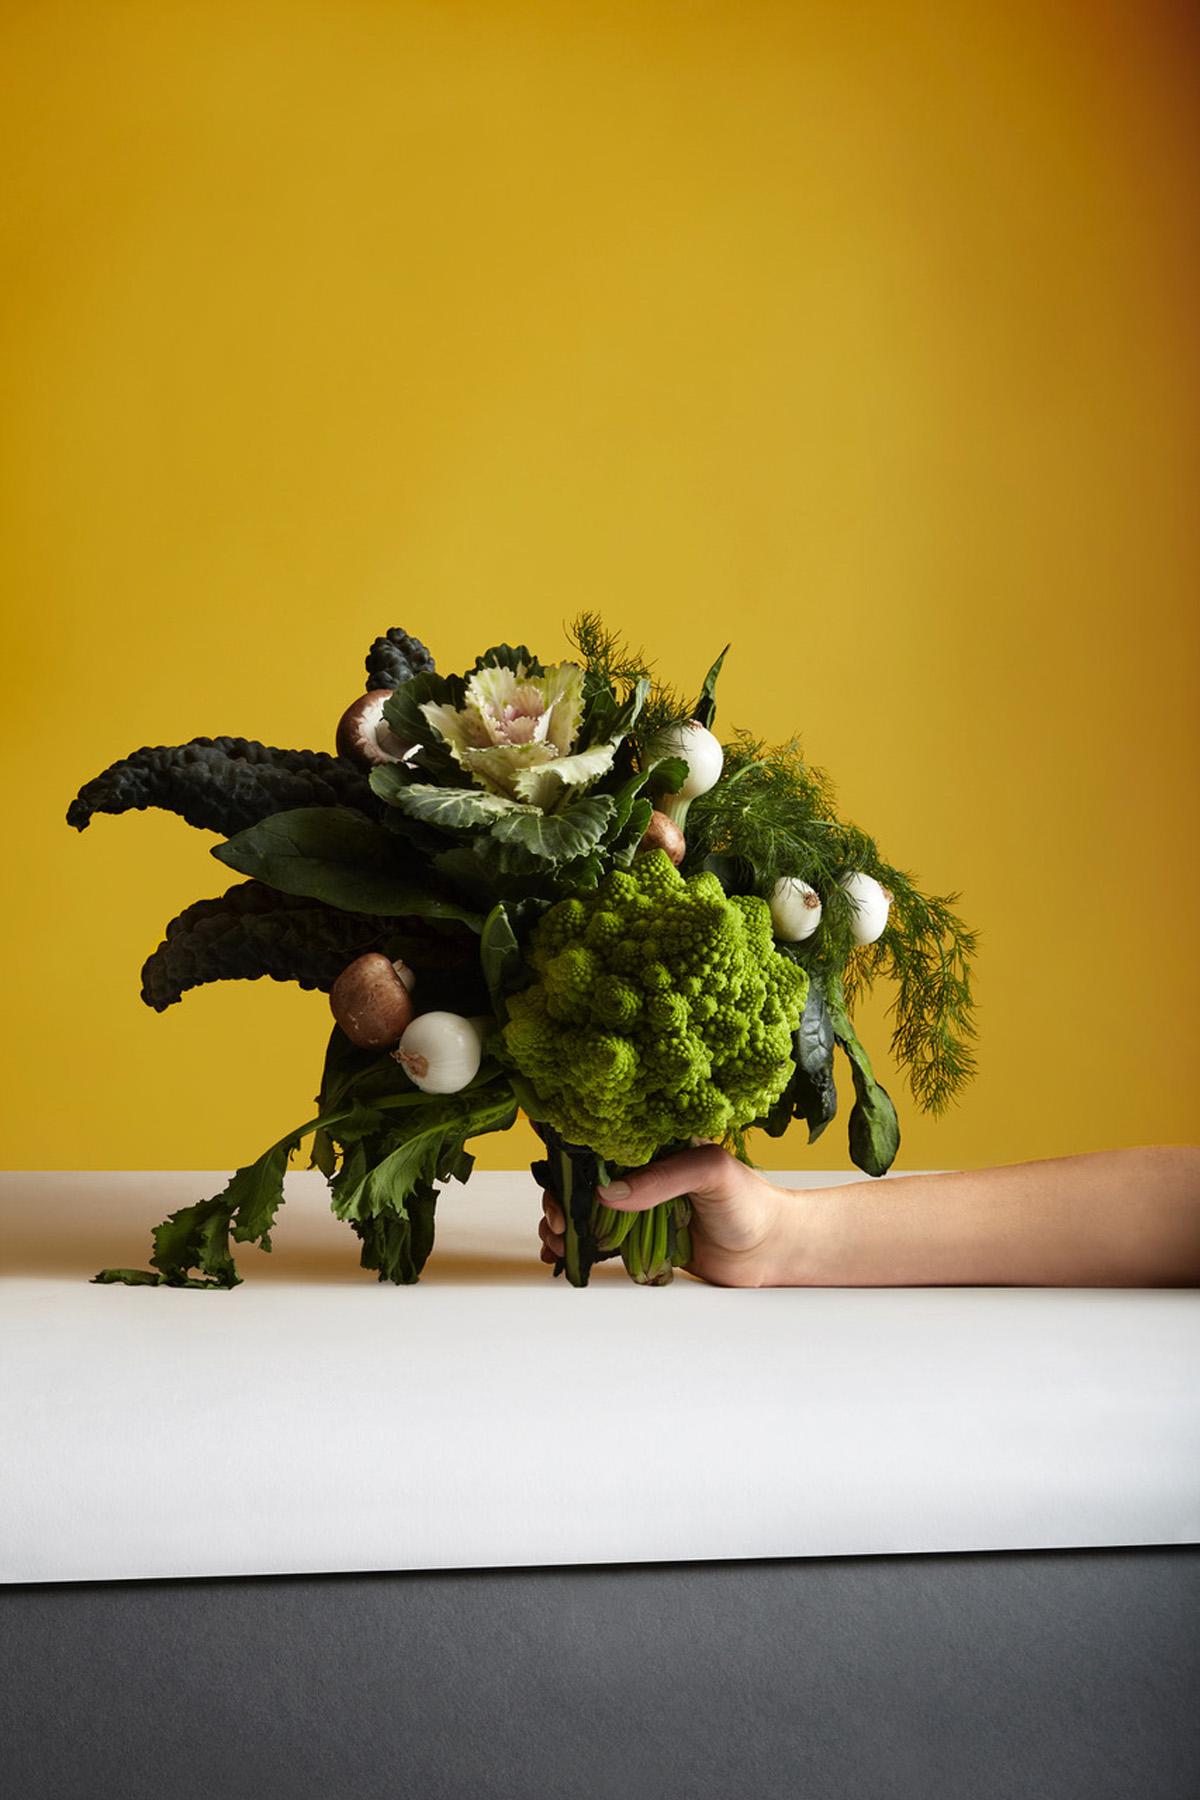 13-icon-artist-management-katie-hammond-food-_white_and_green_186_ret_flat.jpg